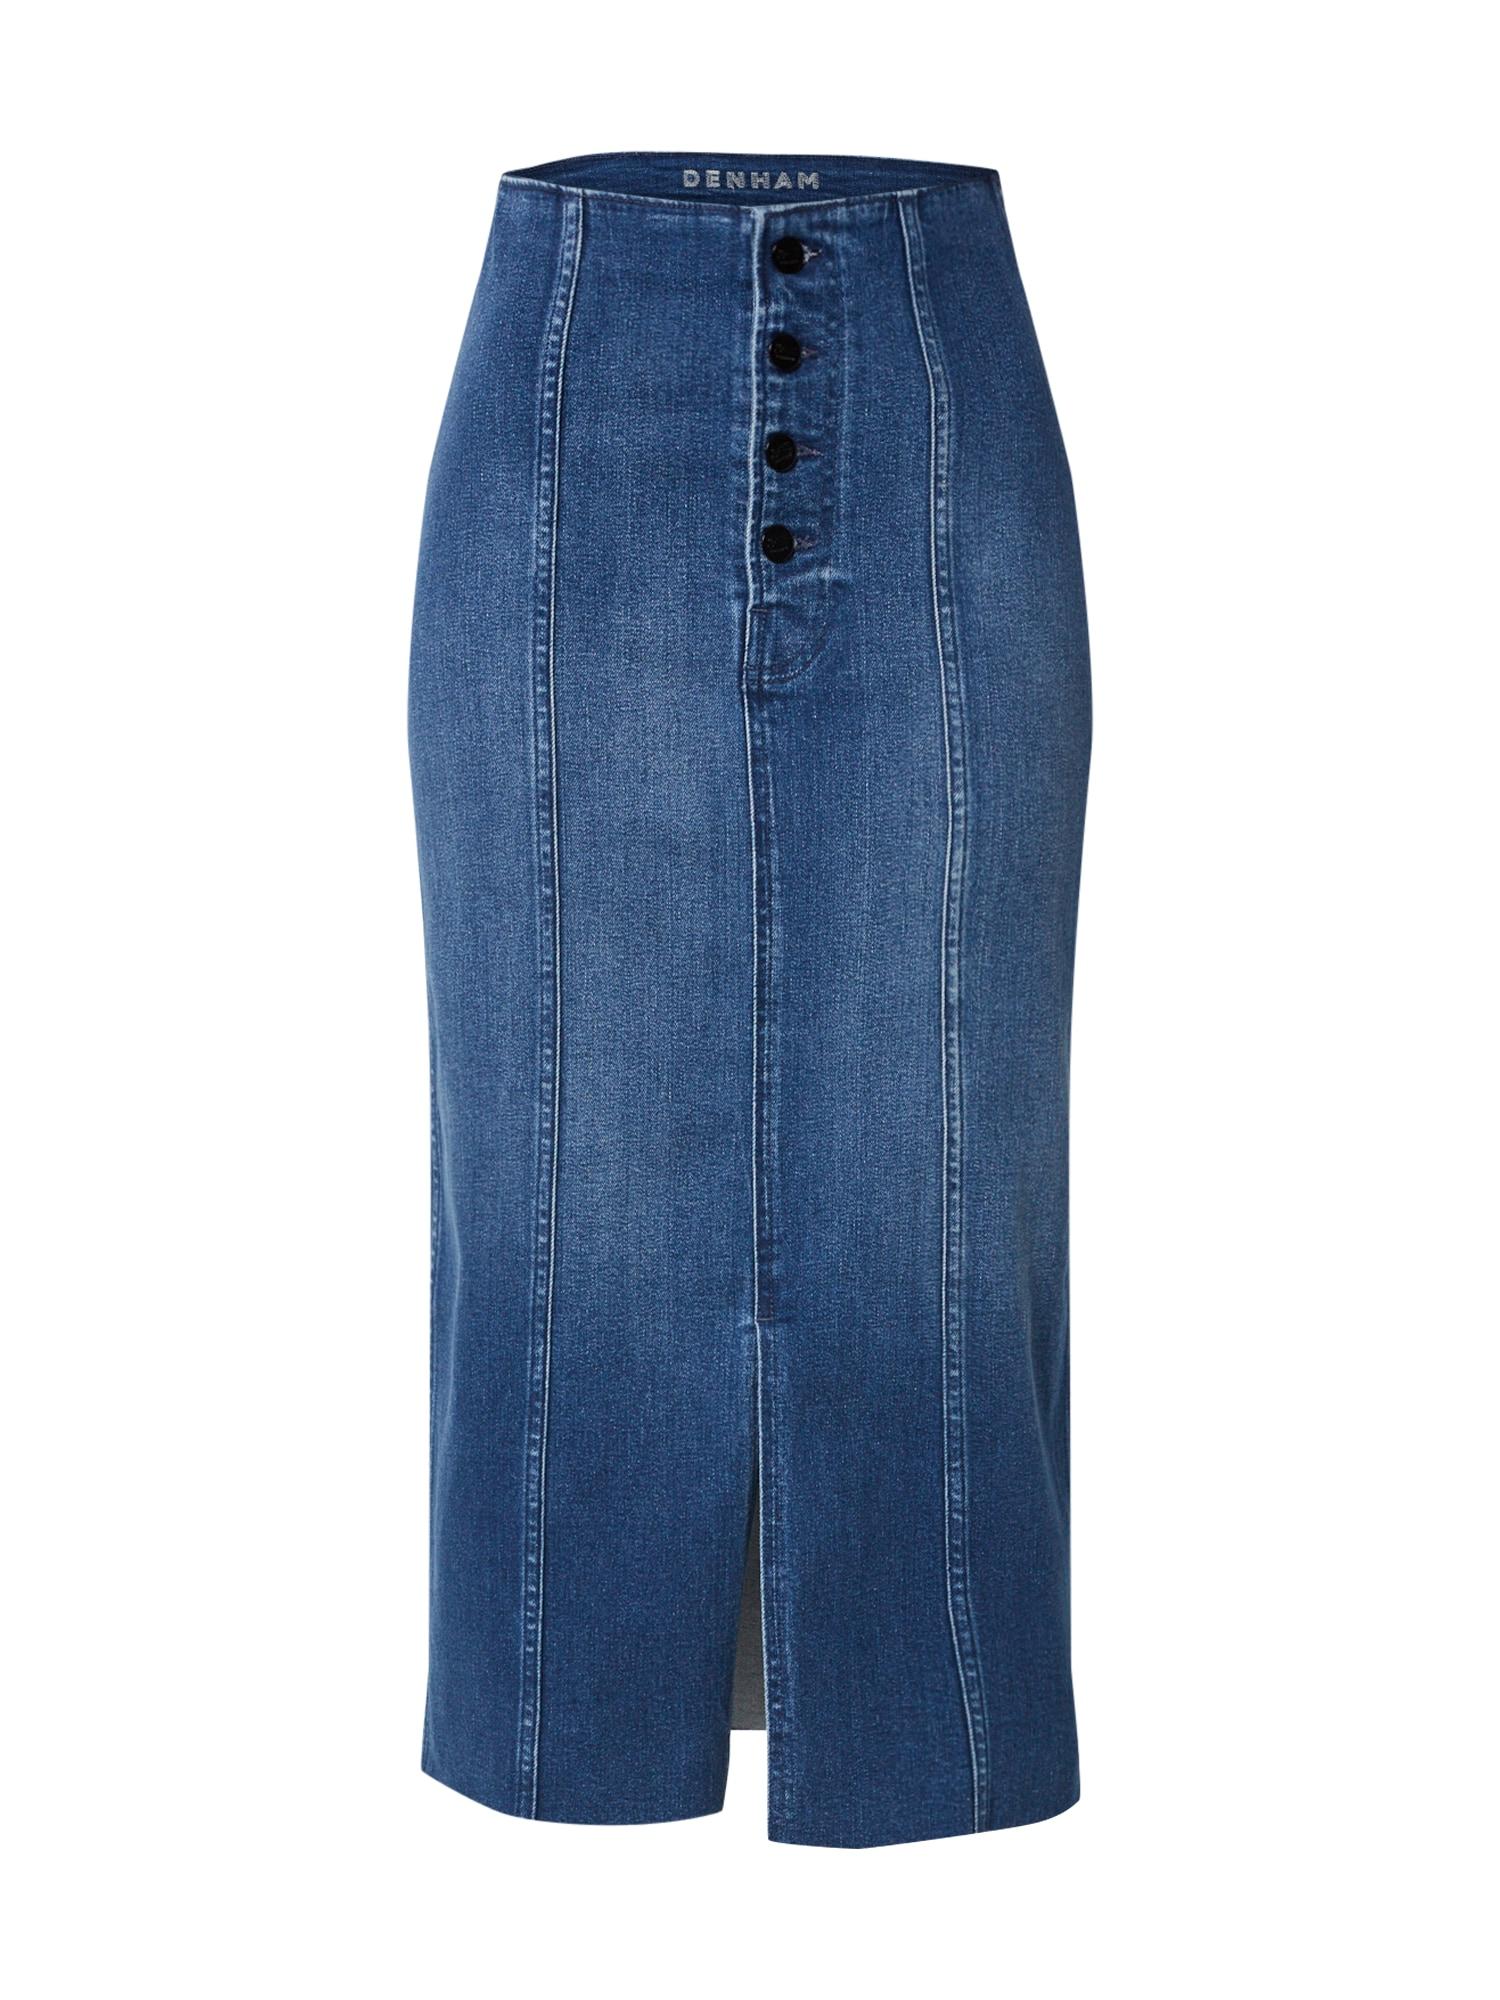 DENHAM Sijonas '70s Long Skirt Saff' tamsiai (džinso) mėlyna